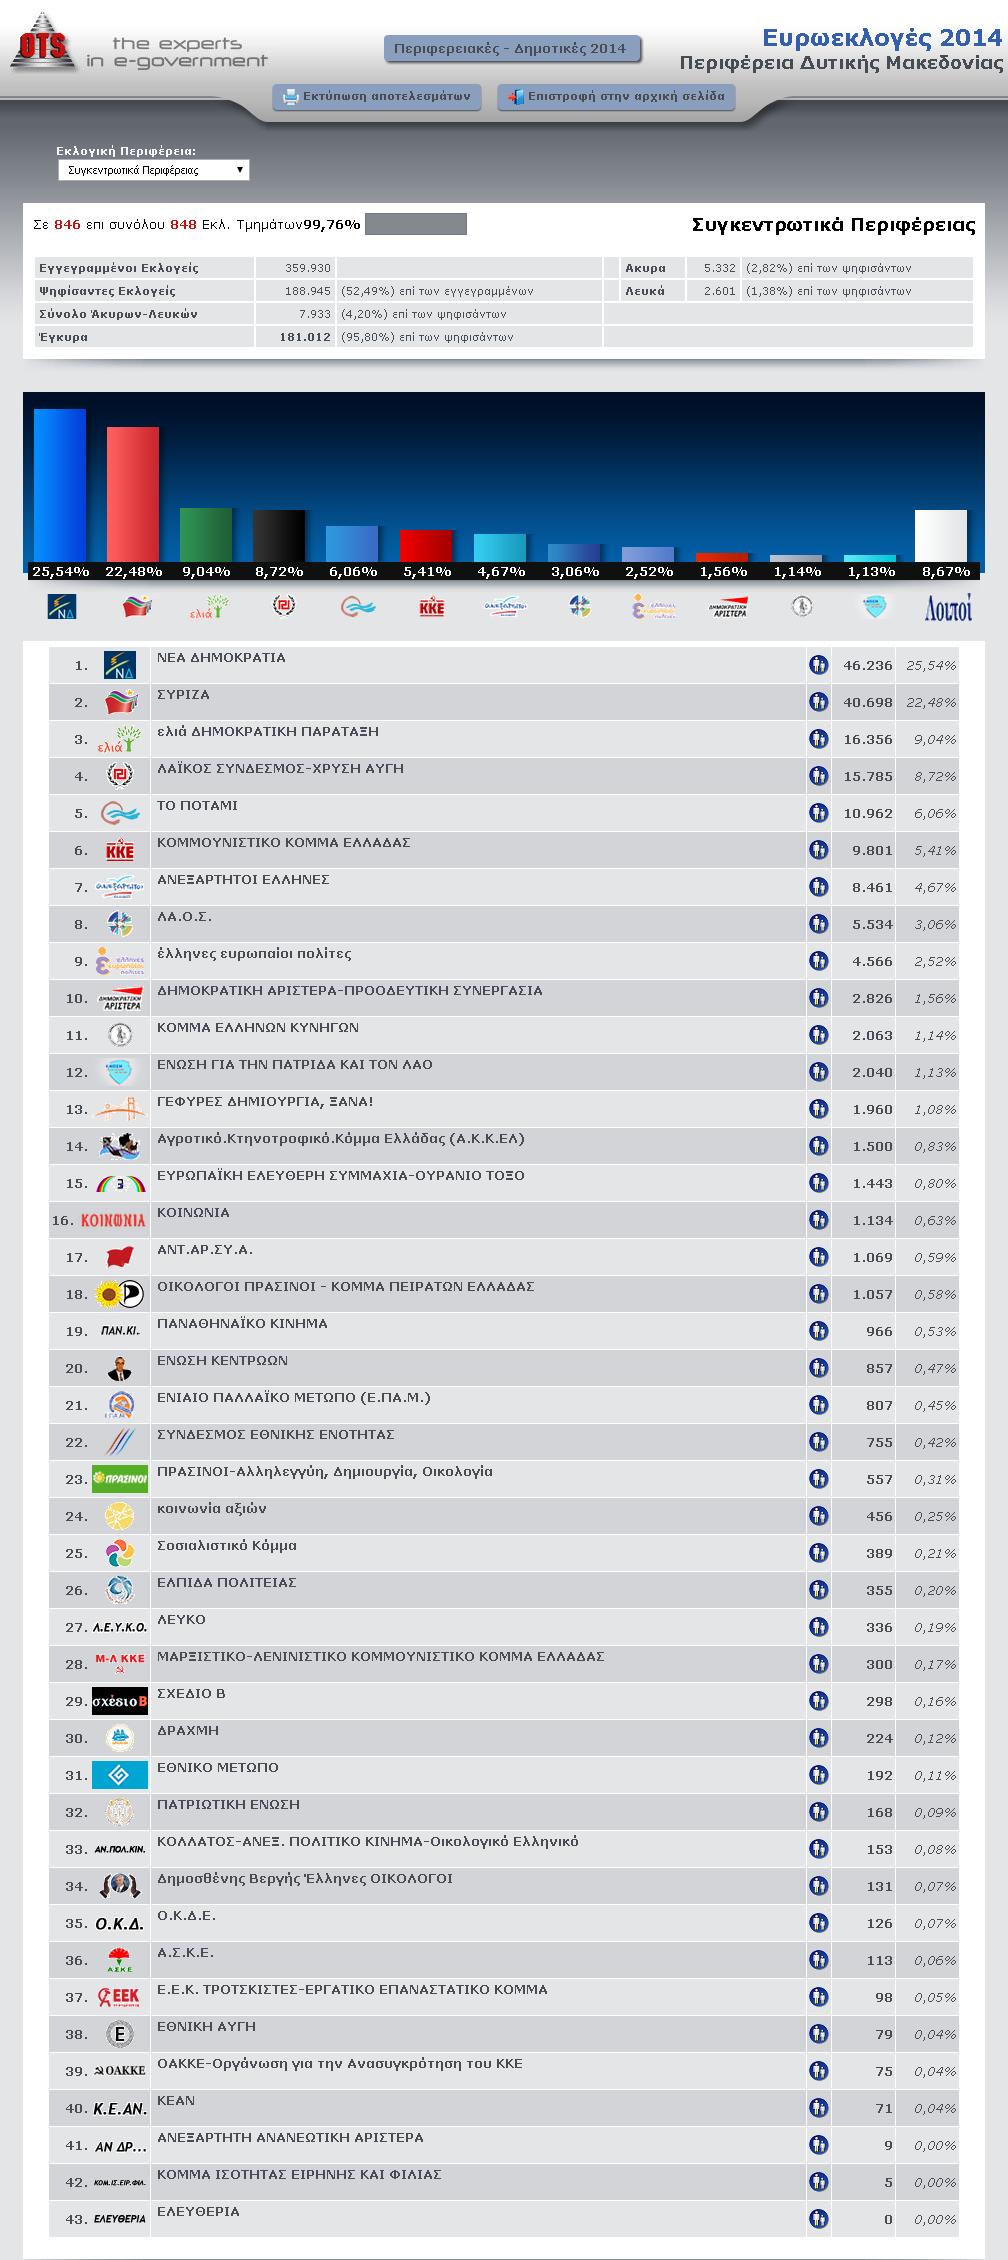 Ευρωεκλογές 2014 Περιφερειακές Εκλογές Δυτικής Μακεδονίας